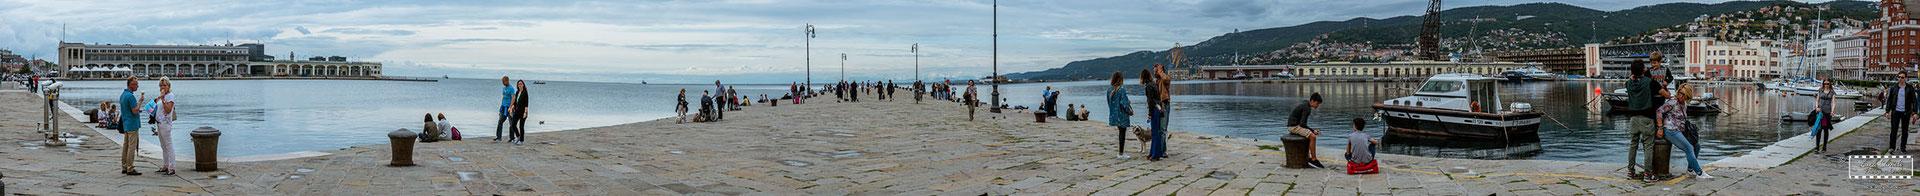 Trieste - Molo Audace